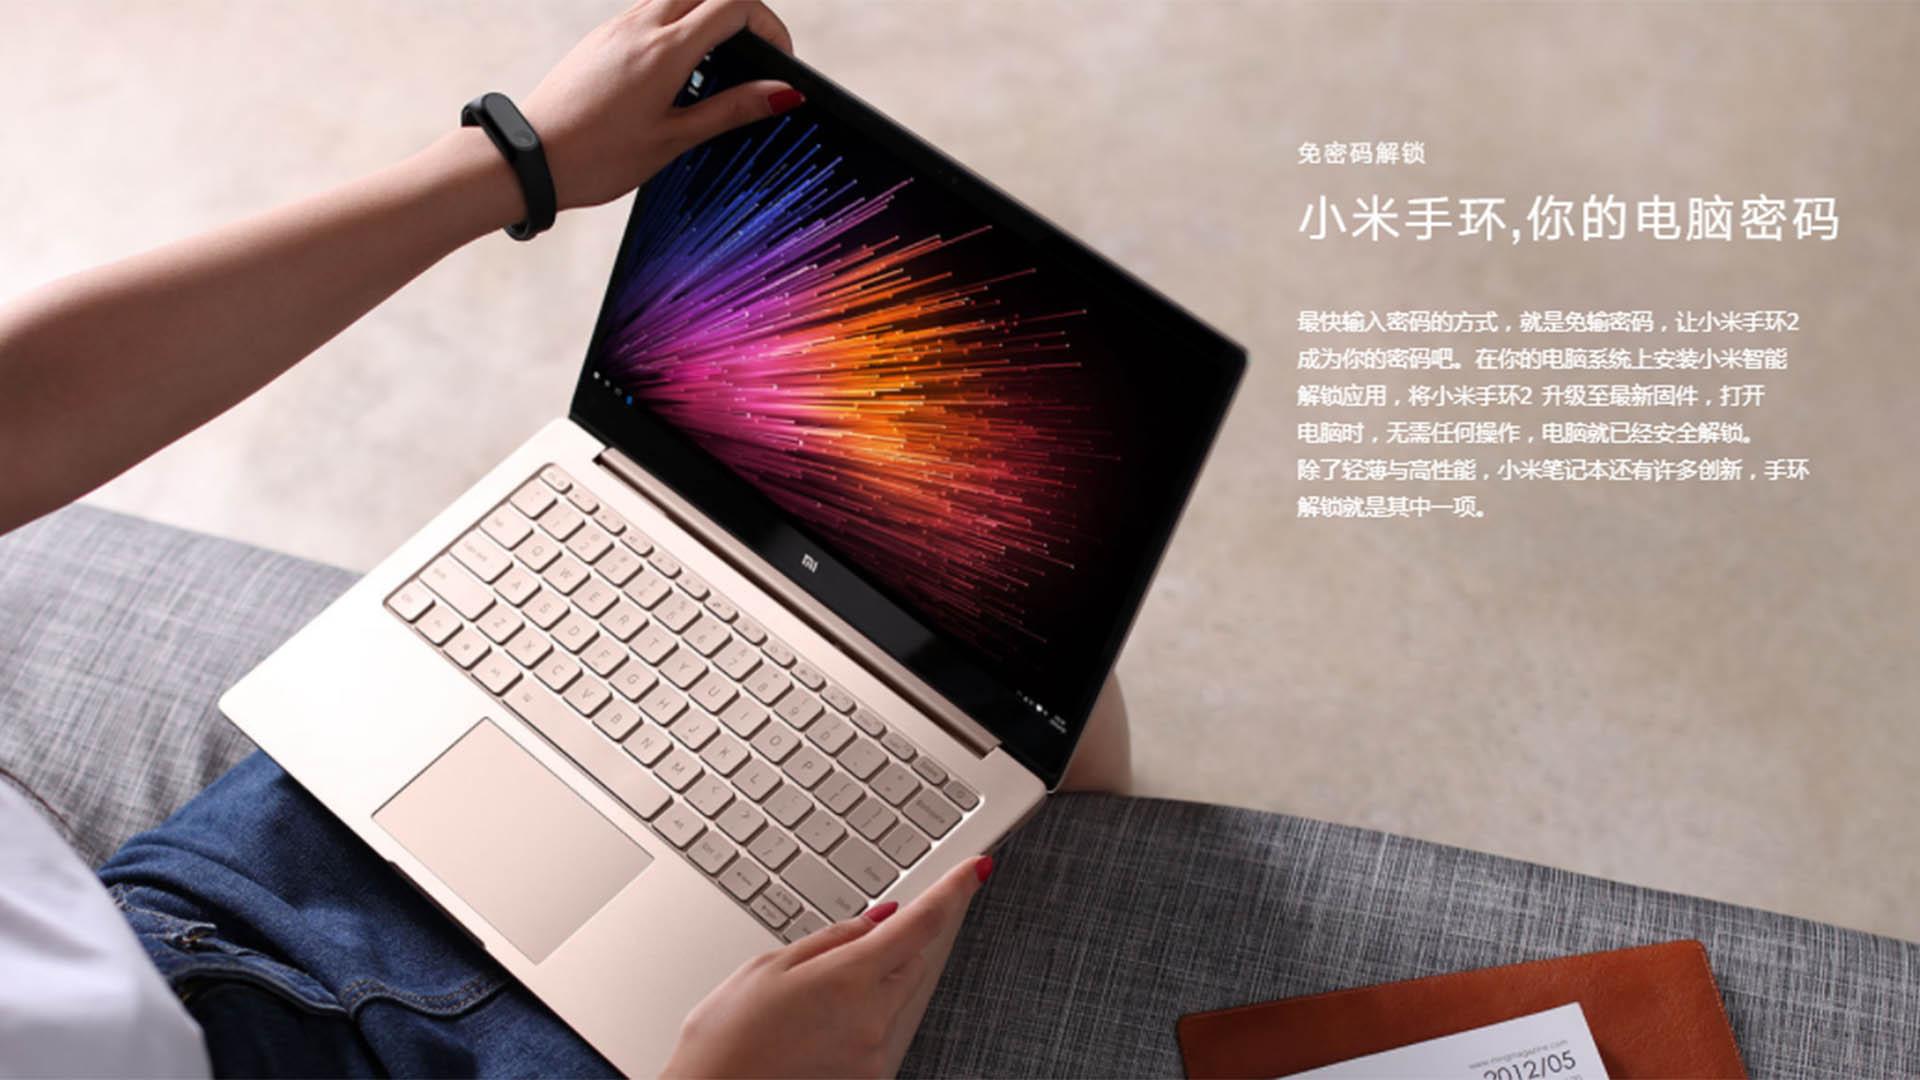 Xiaomi Mi NoteBook Air 13 (2016)